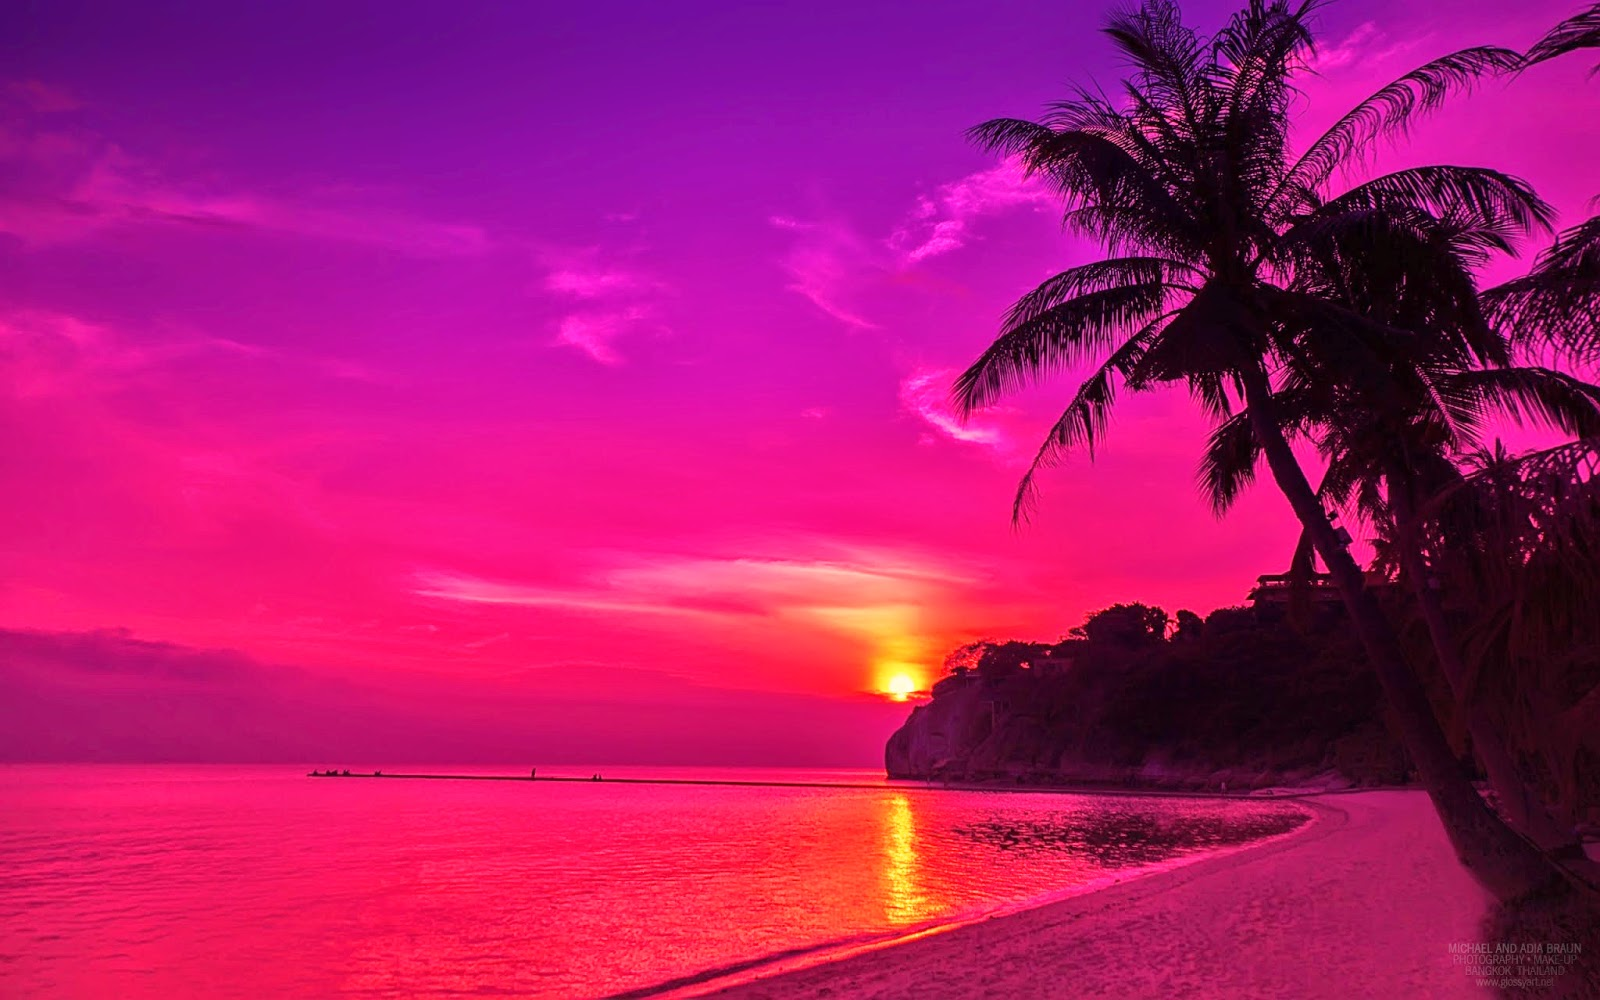 Beautiful Beach Wallpapers: Pink Beach Sunset Wallpaper